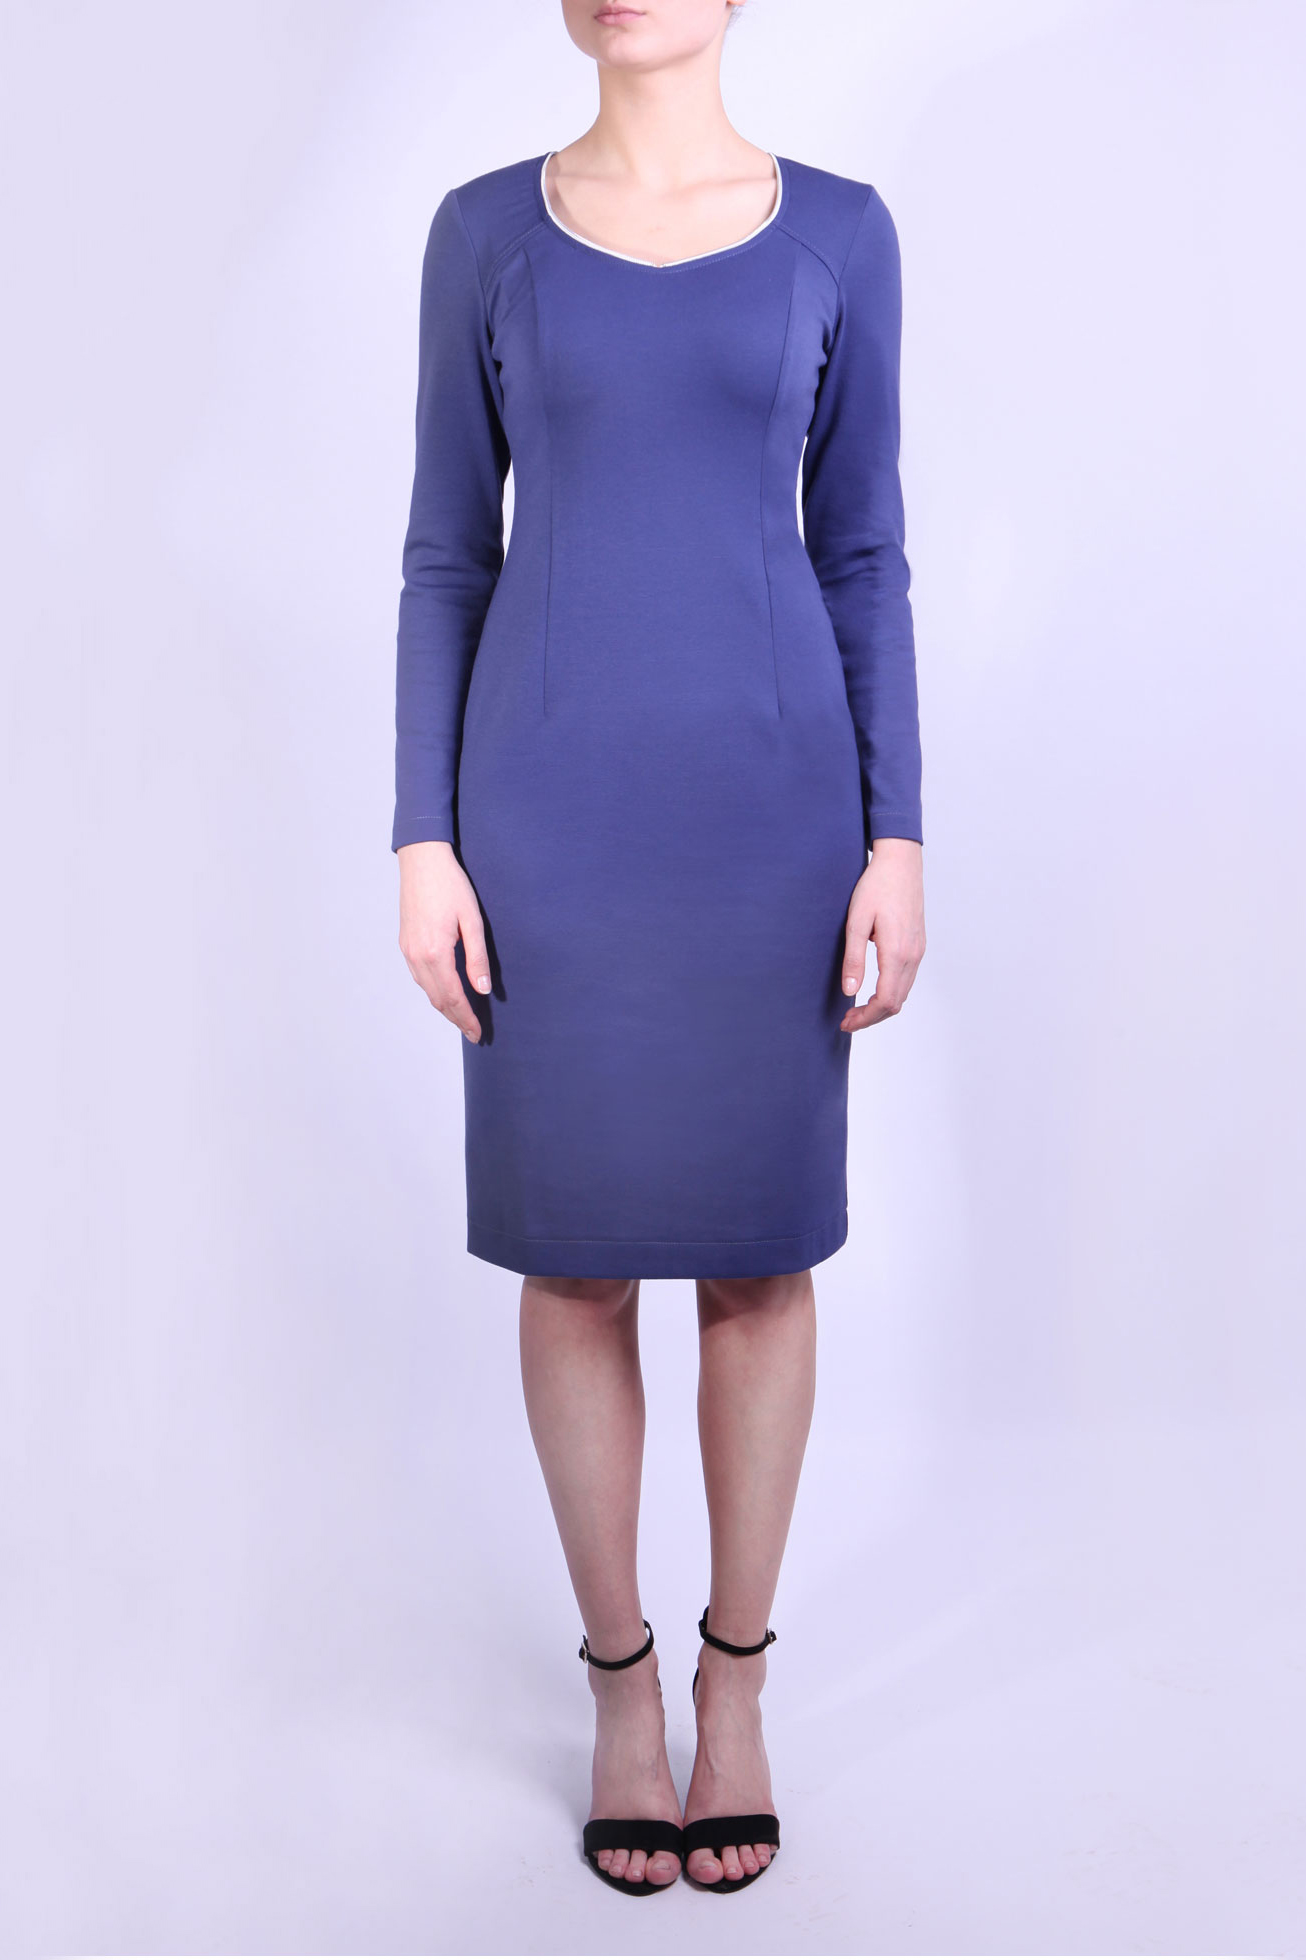 ПлатьеПлатья<br>Строгое платье с длинным рукавом и застежкой типа молния, находящейся сзади. Идеально подойдет под форменный жакет Вашей фирмы. В офисе Вы будете неотразимы.  Параметры размеров: Обхват груди размер 42 - 84 см, размер 44 - 88 см, размер 46 - 92 см, размер 48 - 96 см, размер 50 - 100 см Обхват талии размер 42 - 64 см, размер 44 - 68 см, размер 46 - 72 см, размер 48 - 76 см, размер 50 - 80 см Обхват бедер размер 42 - 92 см, размер 44 - 96 см, размер 46 - 100 см, размер 48 - 104 см, размер 50 - 108 см  Цвет:синий  Ростовка изделия 164 см.<br><br>Горловина: Фигурная горловина<br>По длине: До колена<br>По материалу: Вискоза,Трикотаж<br>По рисунку: Однотонные<br>По силуэту: Приталенные<br>По стилю: Офисный стиль,Повседневный стиль<br>По форме: Платье - футляр<br>По элементам: С молнией,С отделочной фурнитурой,С разрезом<br>Разрез: Короткий<br>Рукав: Длинный рукав<br>По сезону: Осень,Весна,Зима<br>Размер : 42,44,46,48,50<br>Материал: Джерси<br>Количество в наличии: 5